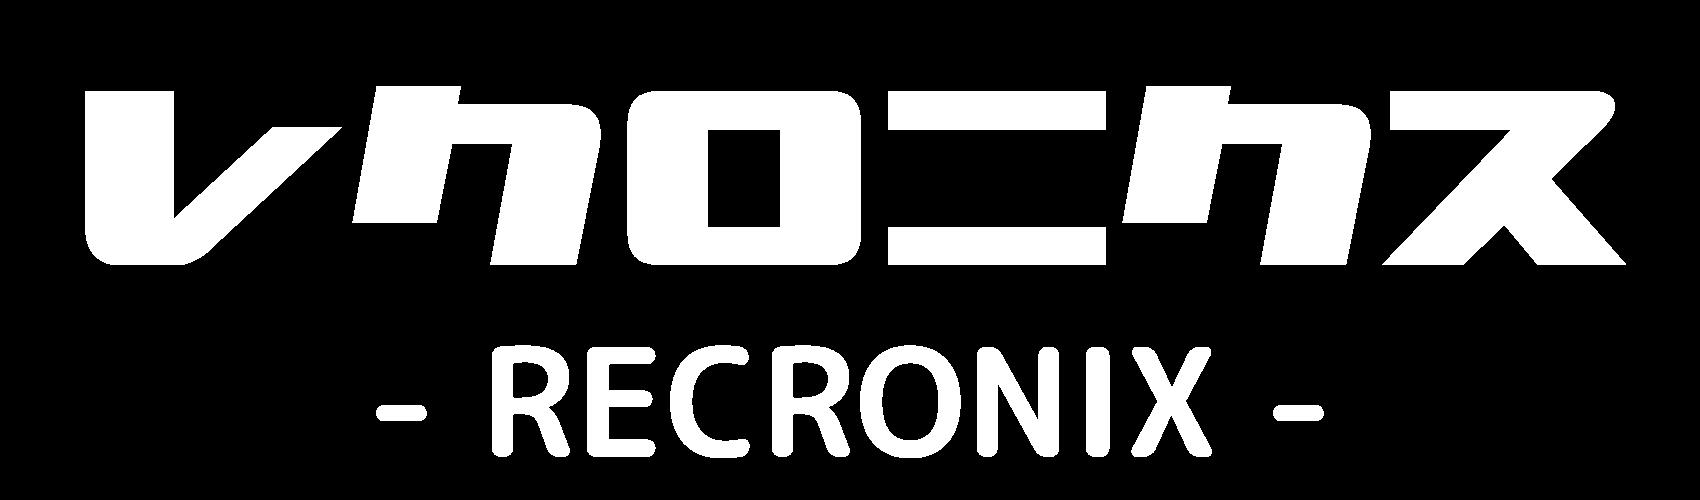 レクロニクス